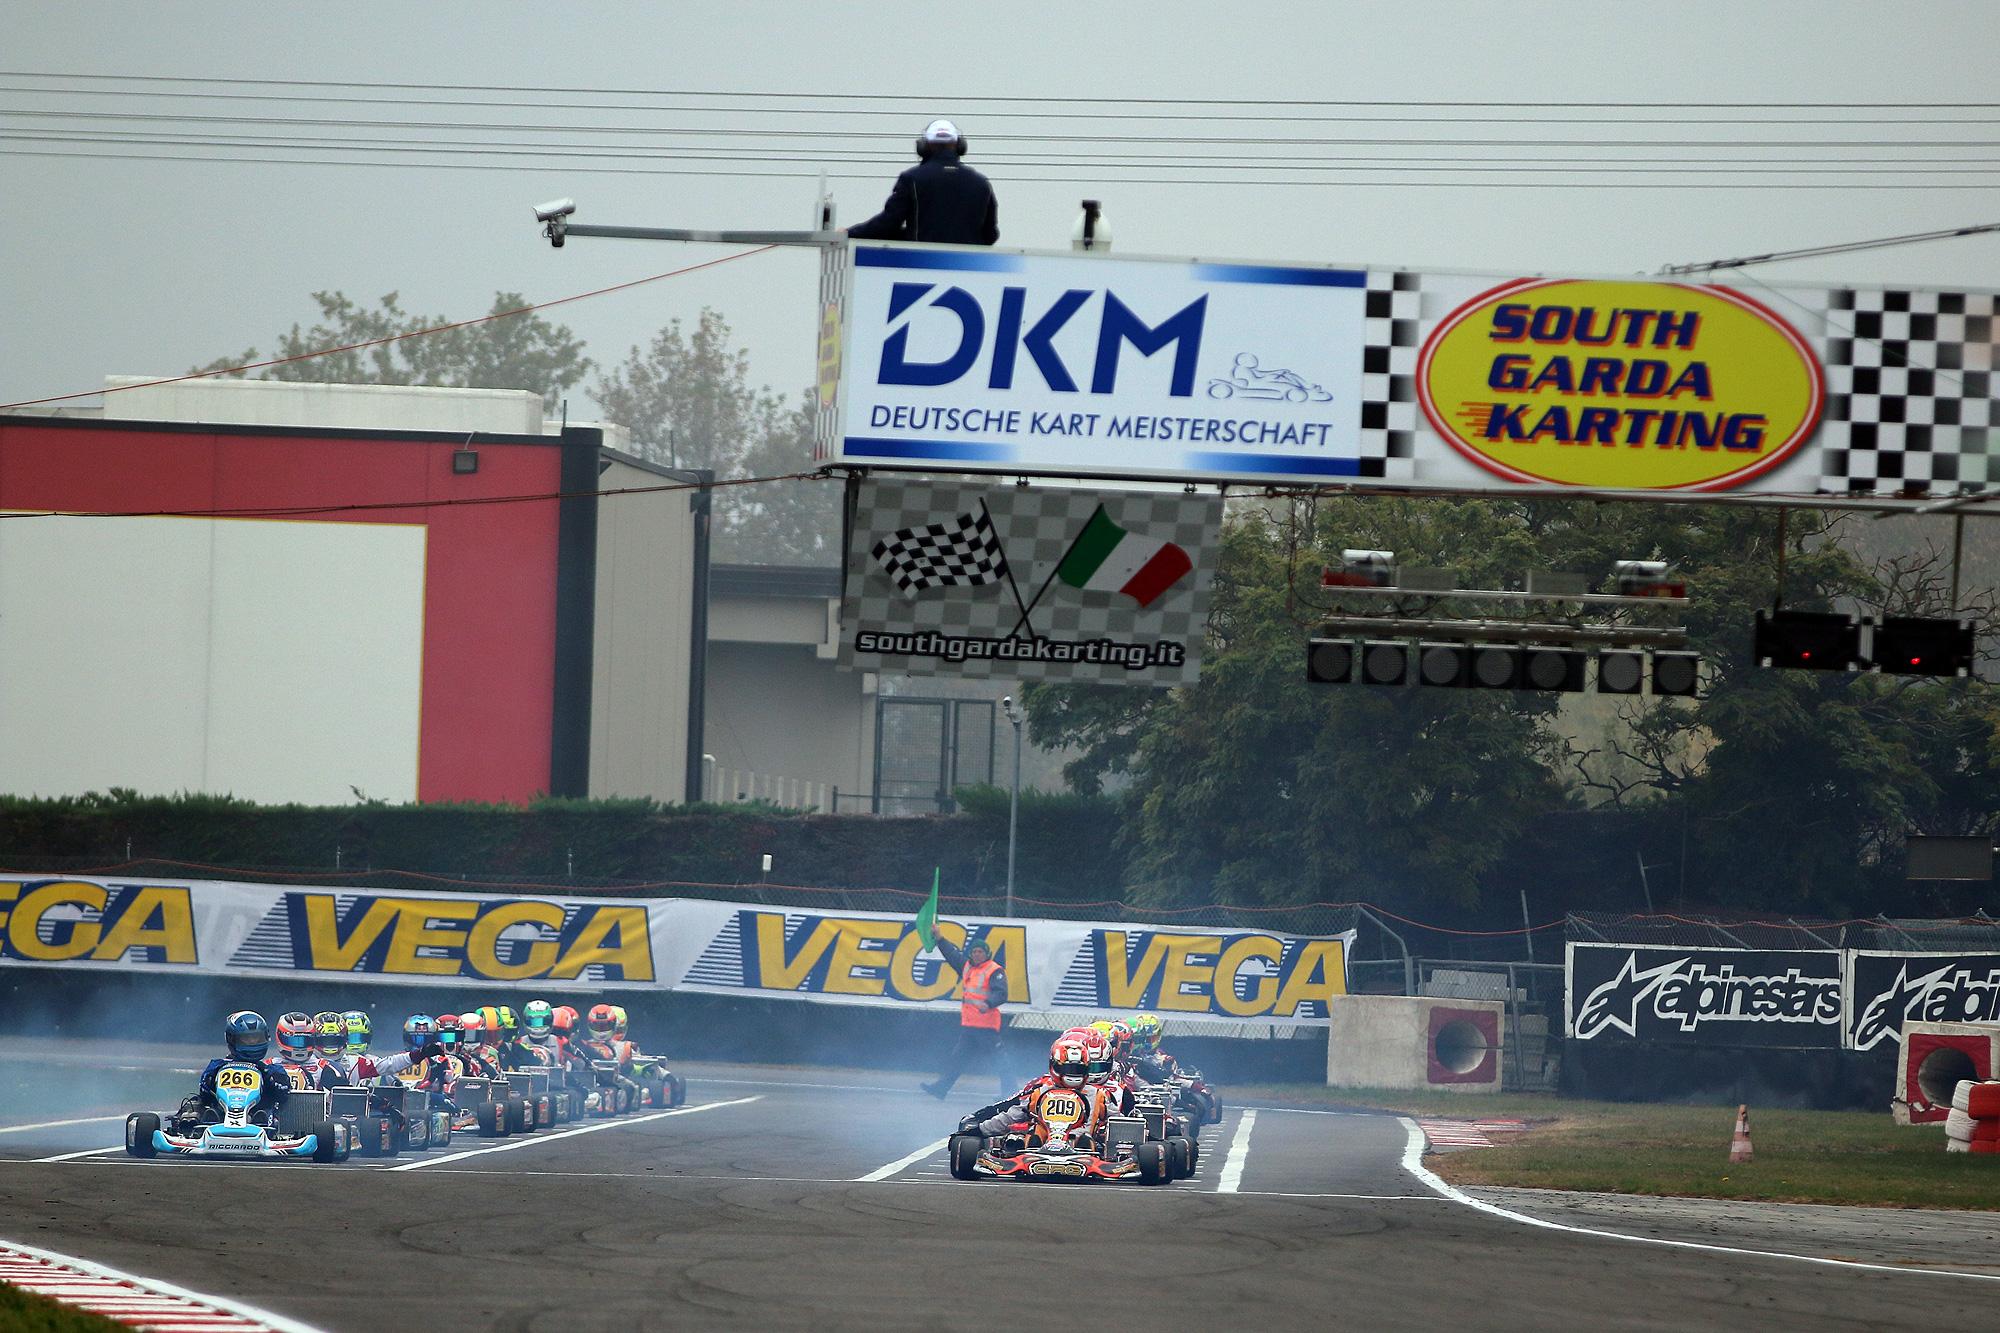 Deutsche Kart Meisterschaft Lonato